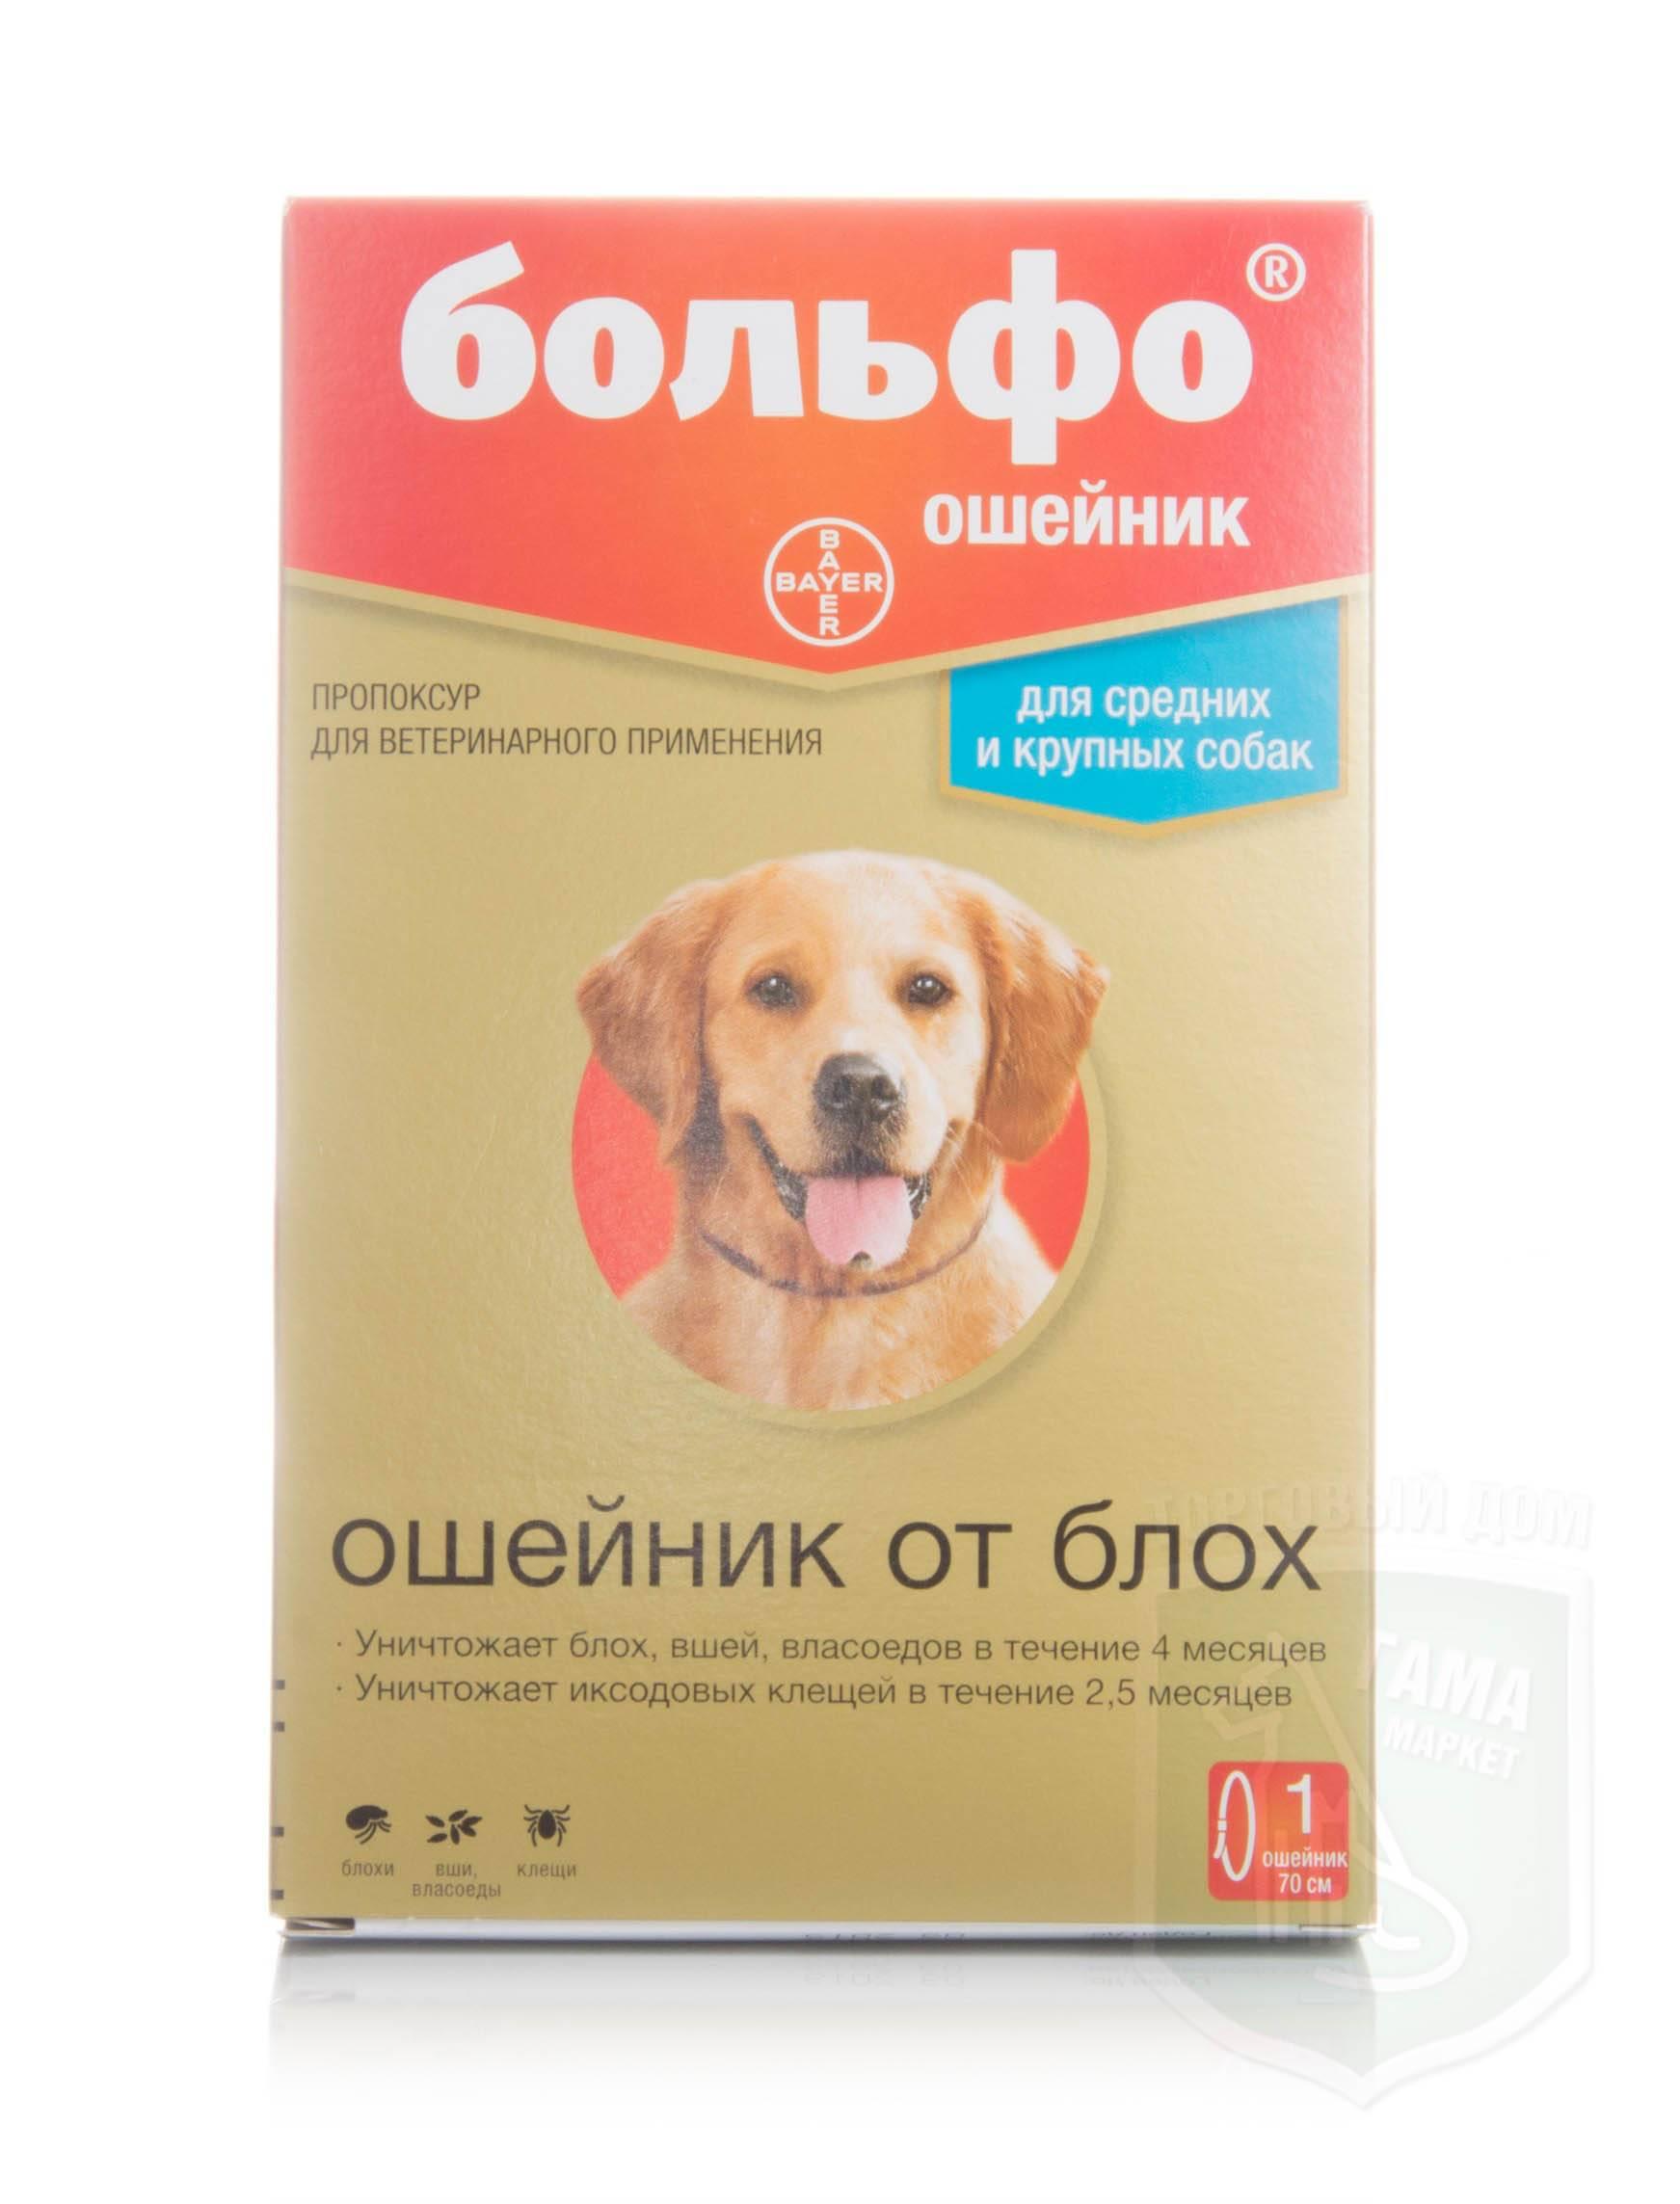 Больфо (аэрозоль) для собак и кошек | отзывы о применении препаратов для животных от ветеринаров и заводчиков